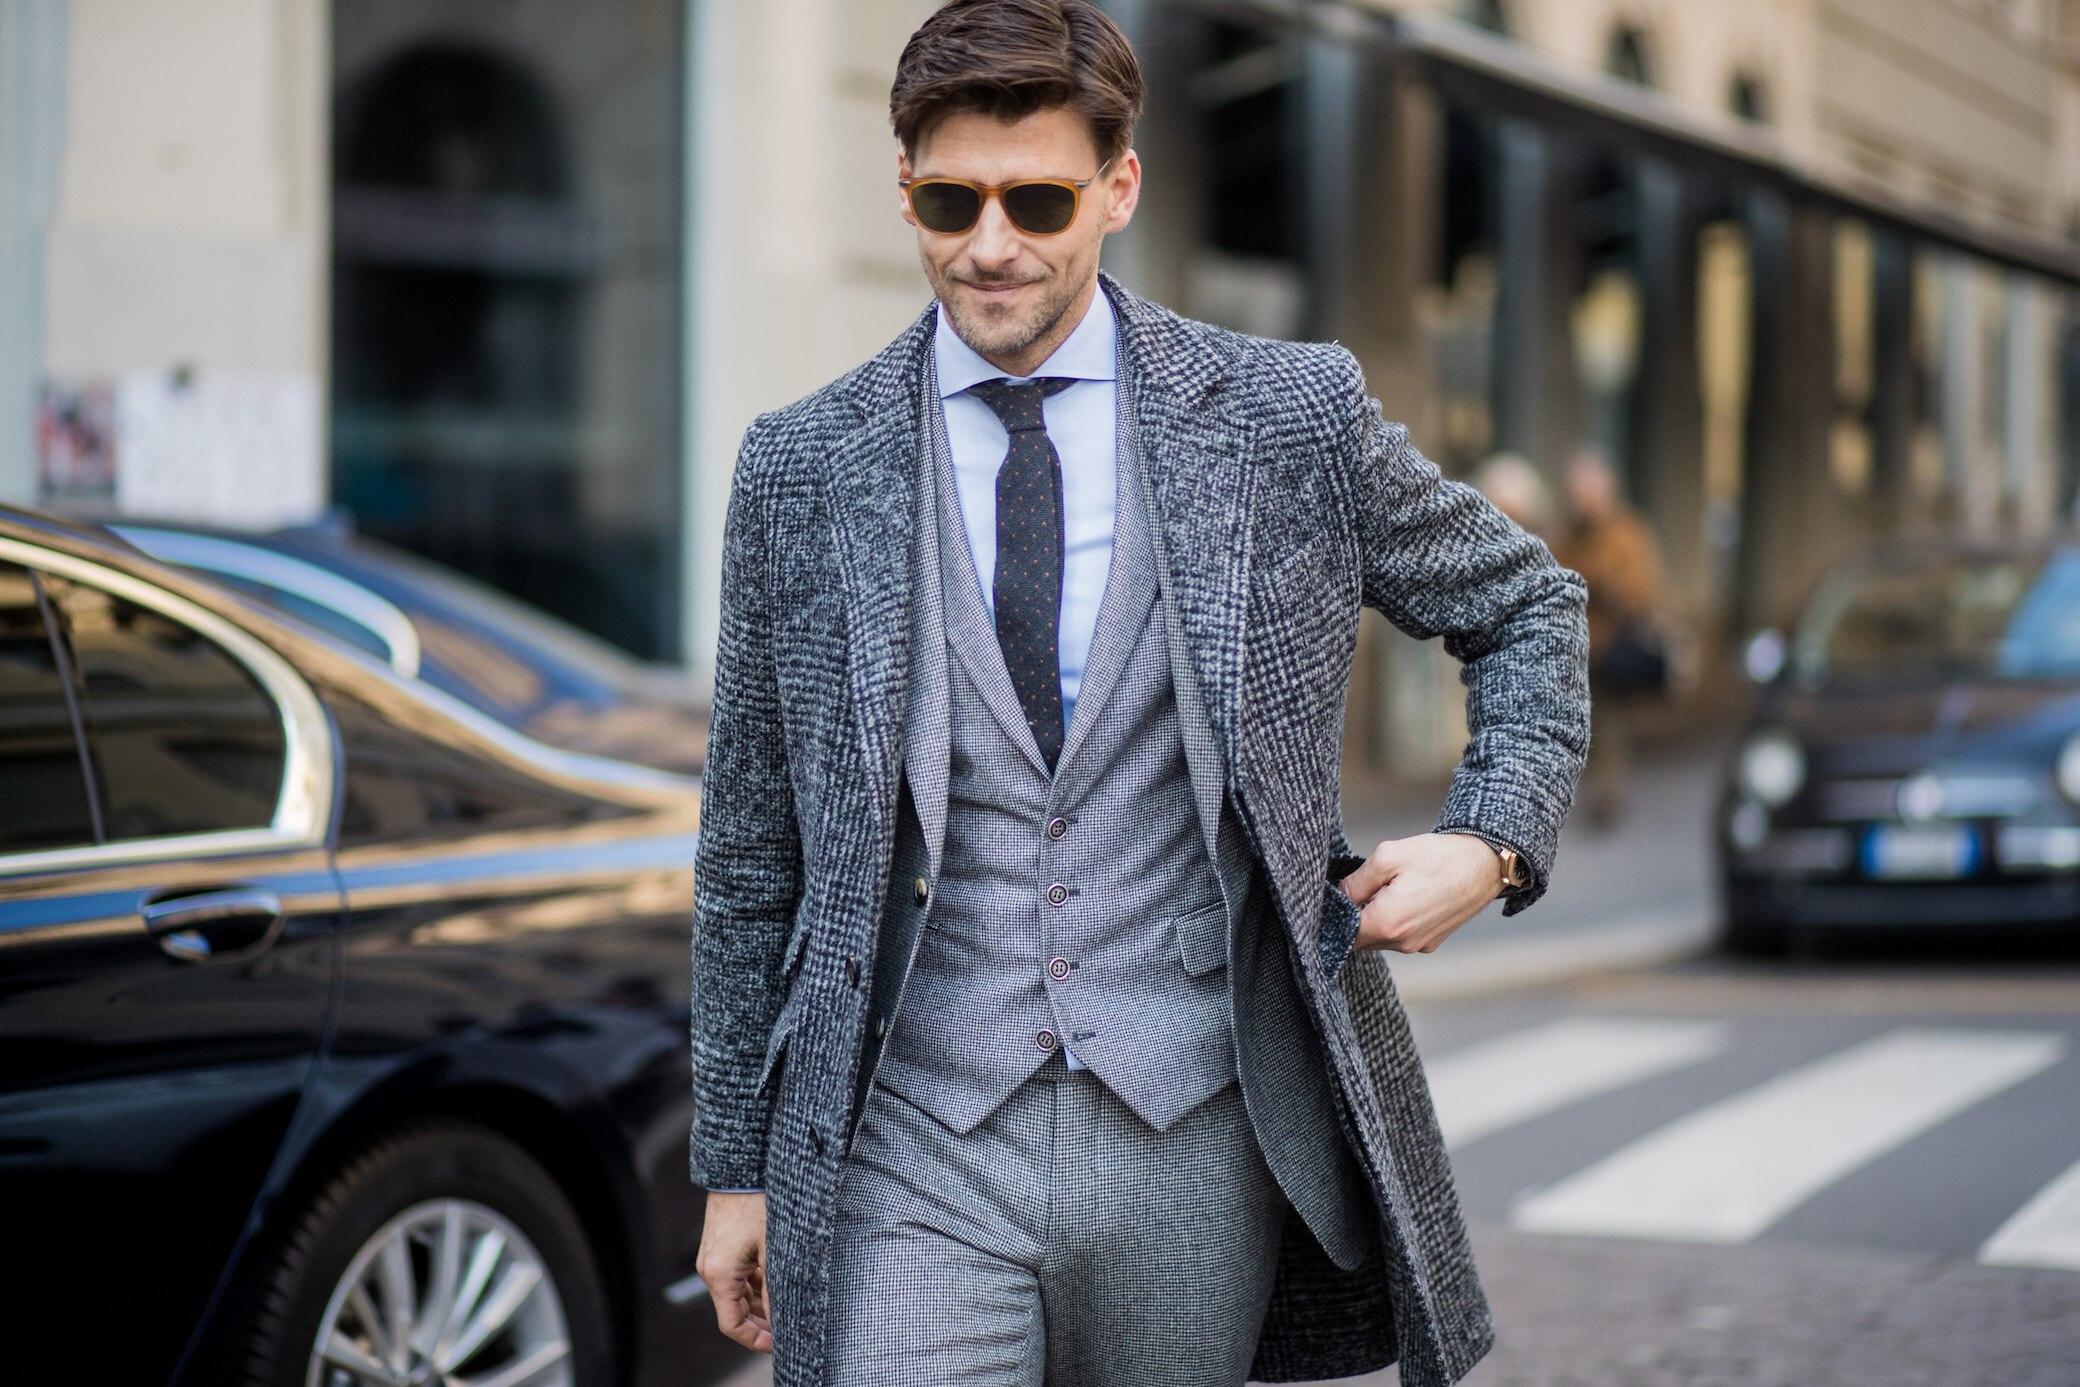 Stylisch statt Altherren-Look: So trägt man Westen jetzt